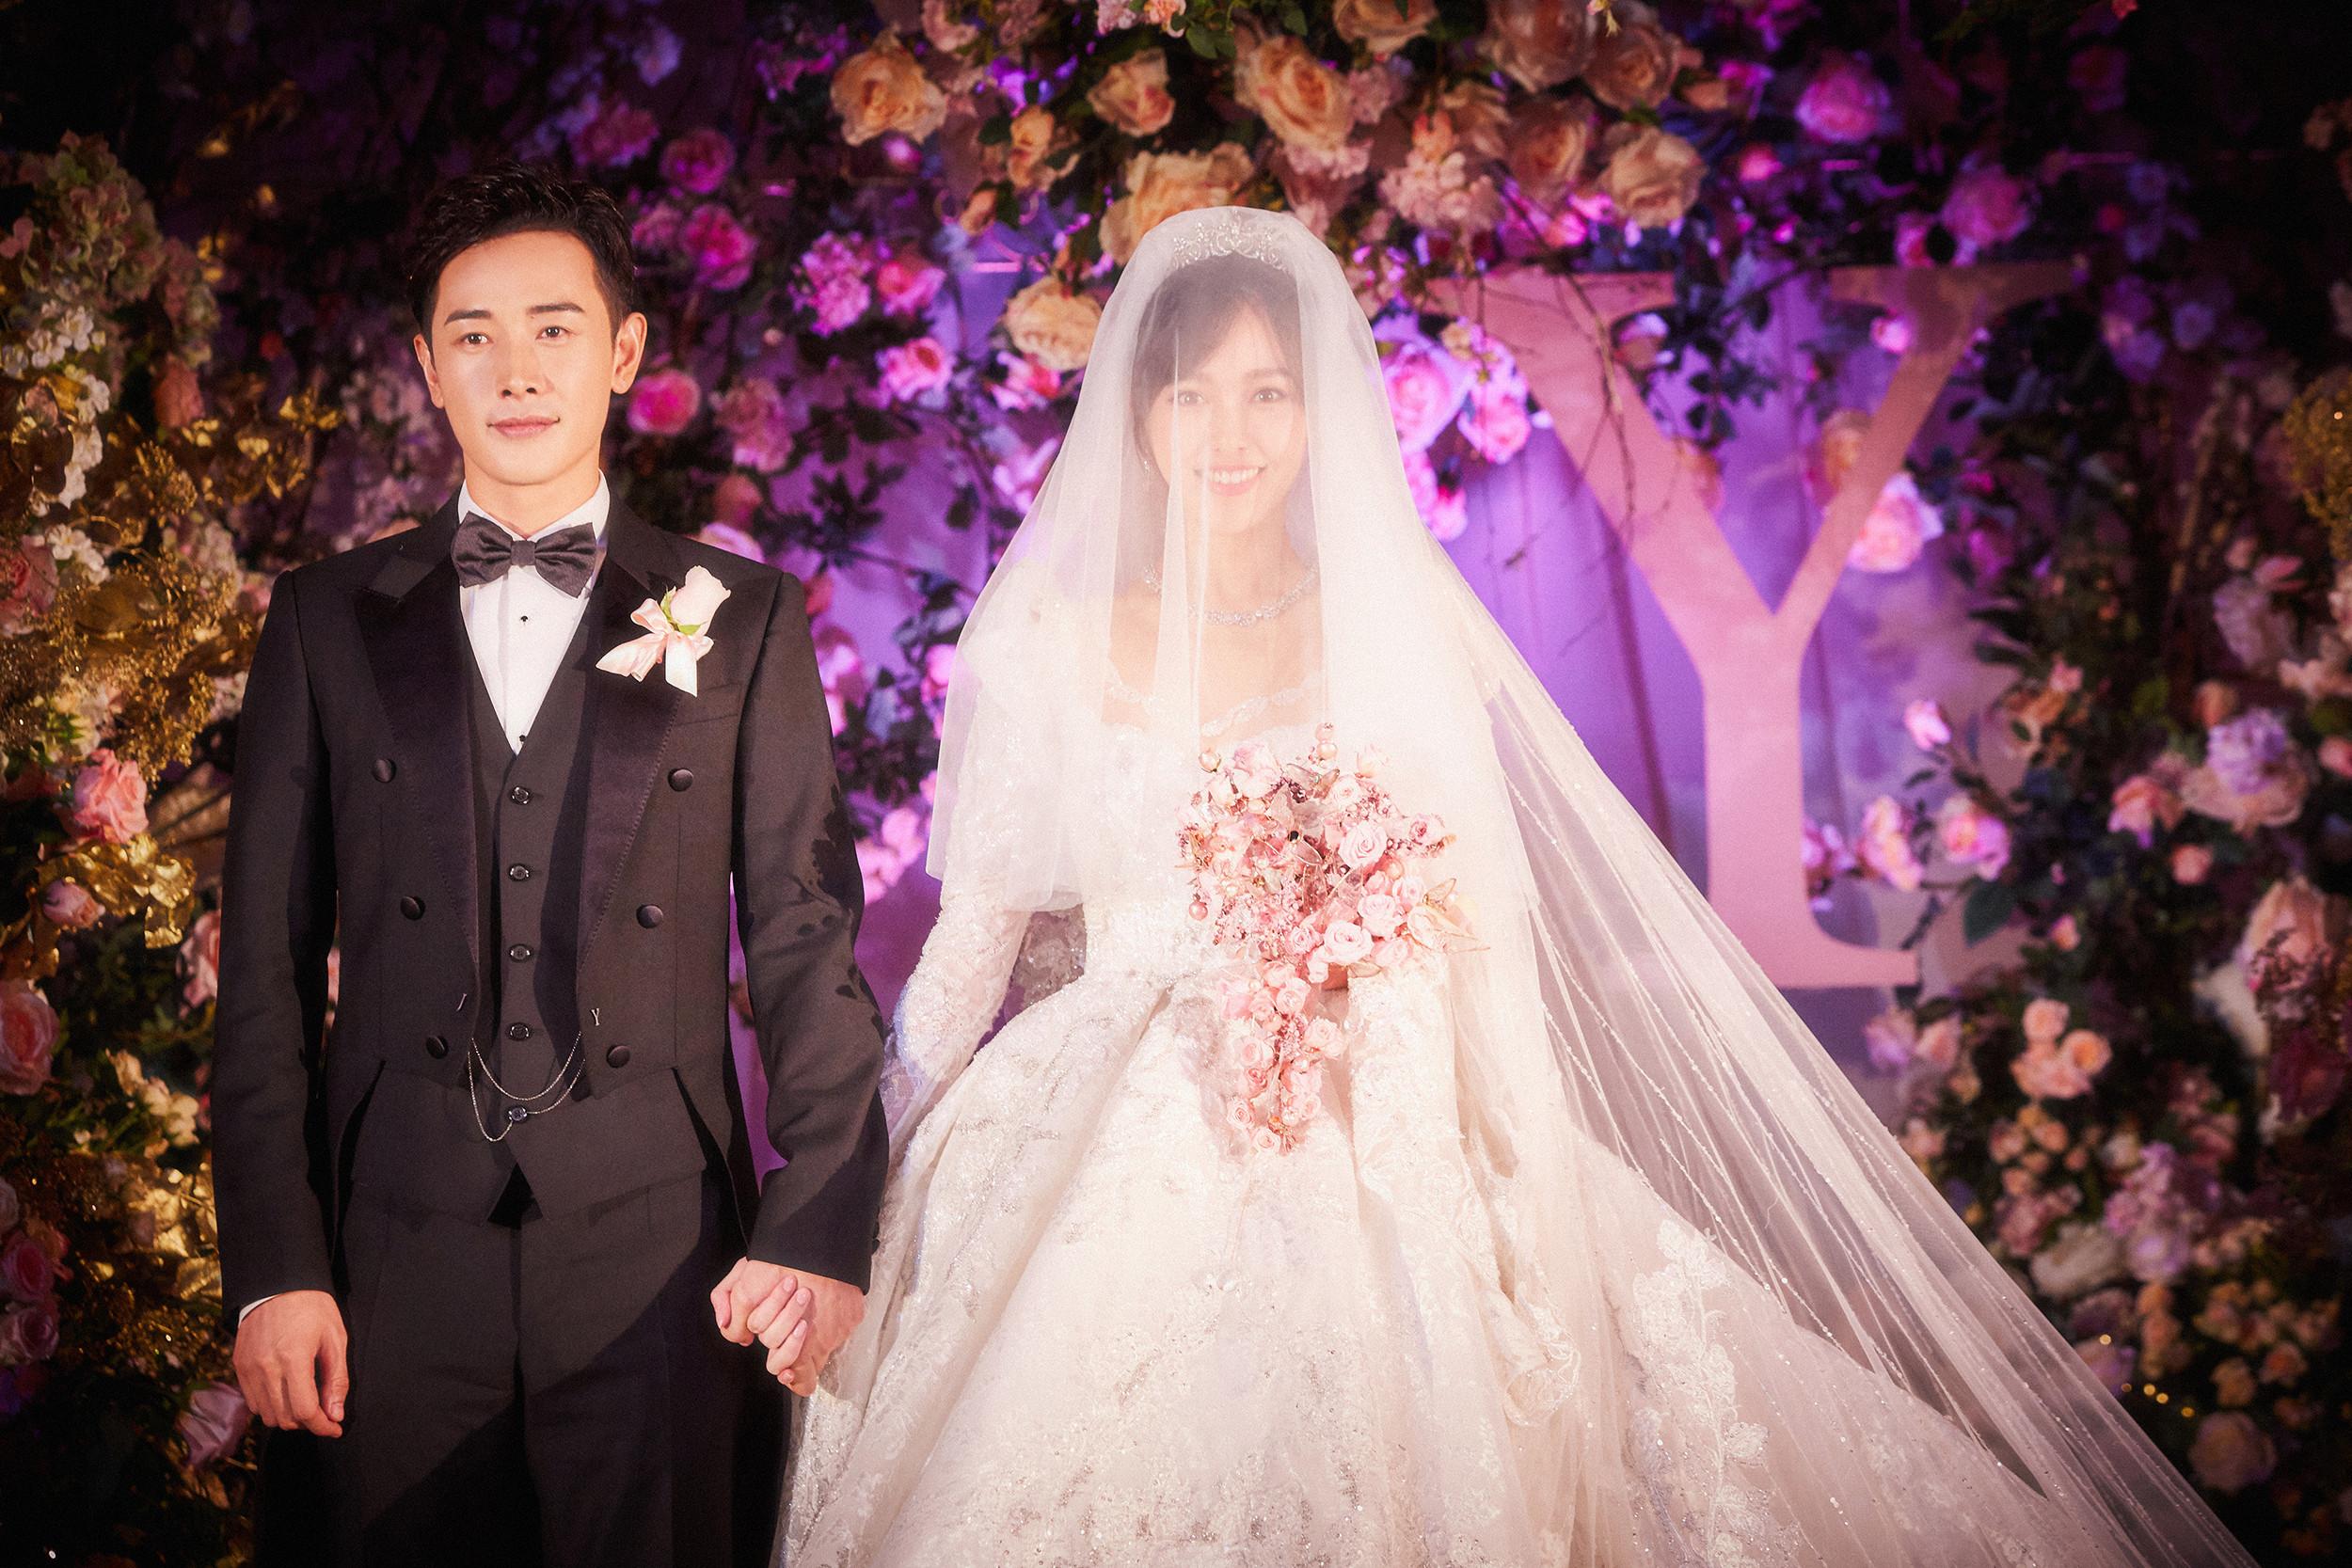 婚纱婚礼_婚礼婚纱海报图片